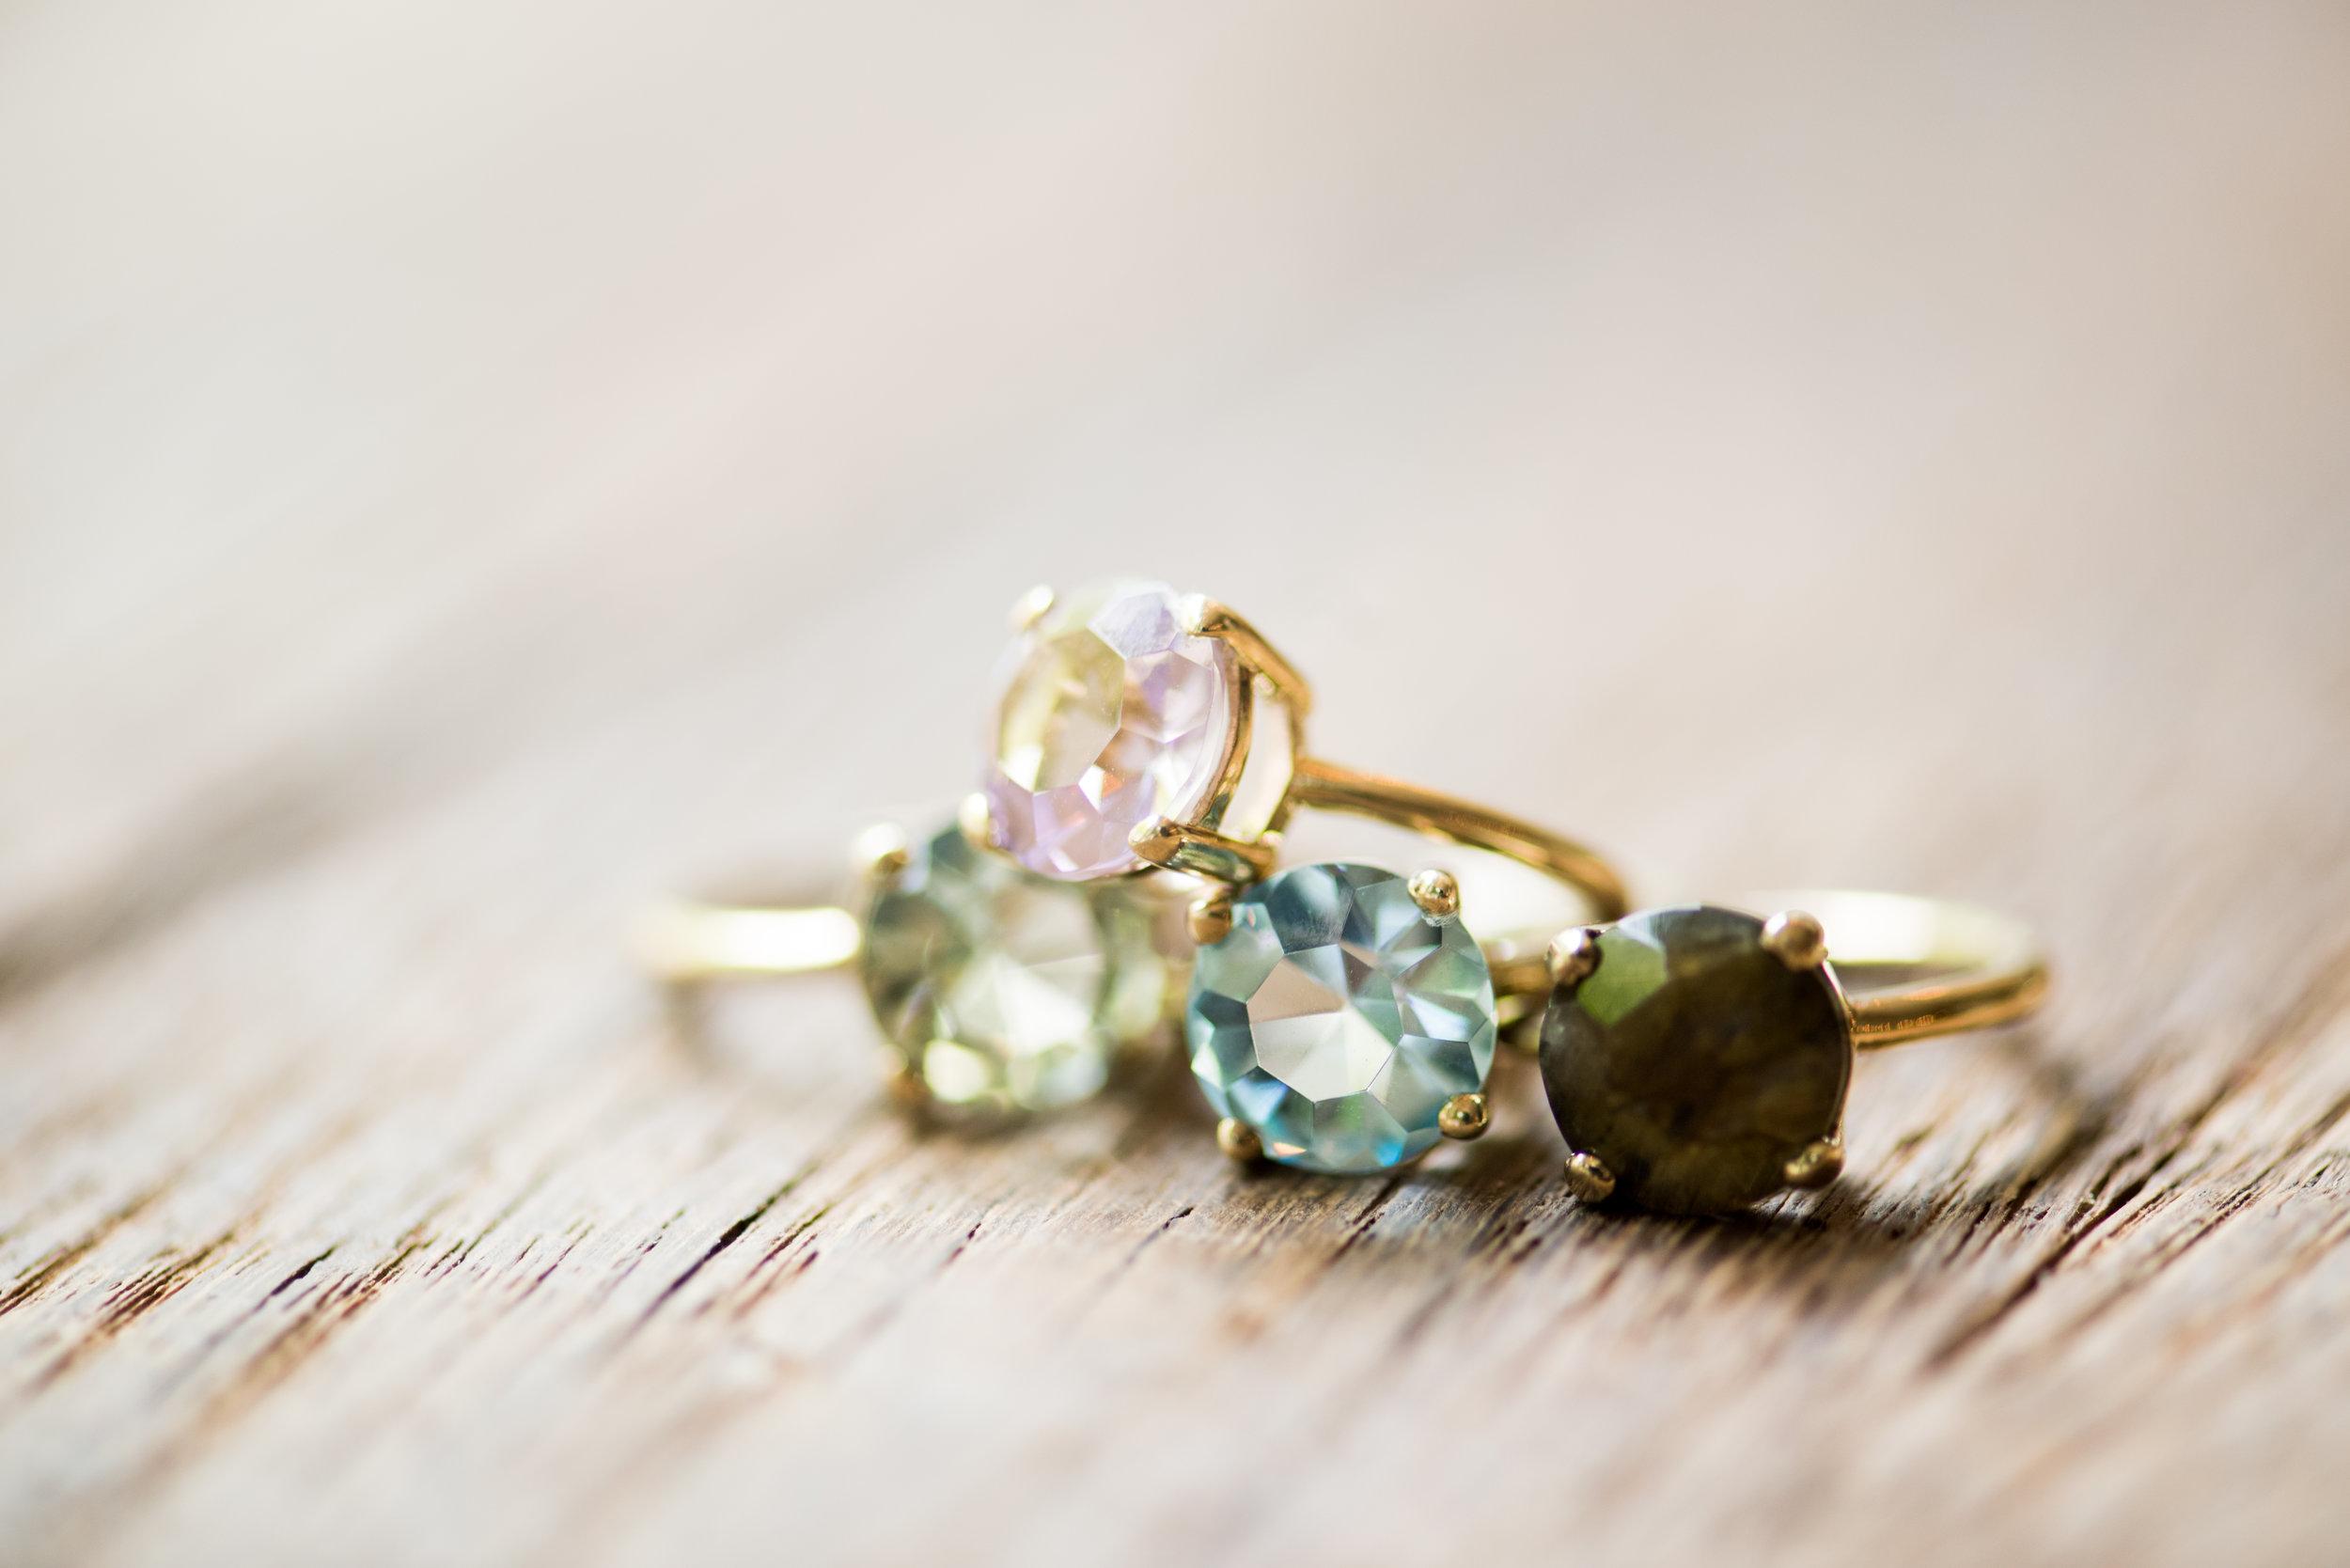 Luscious gemstones -